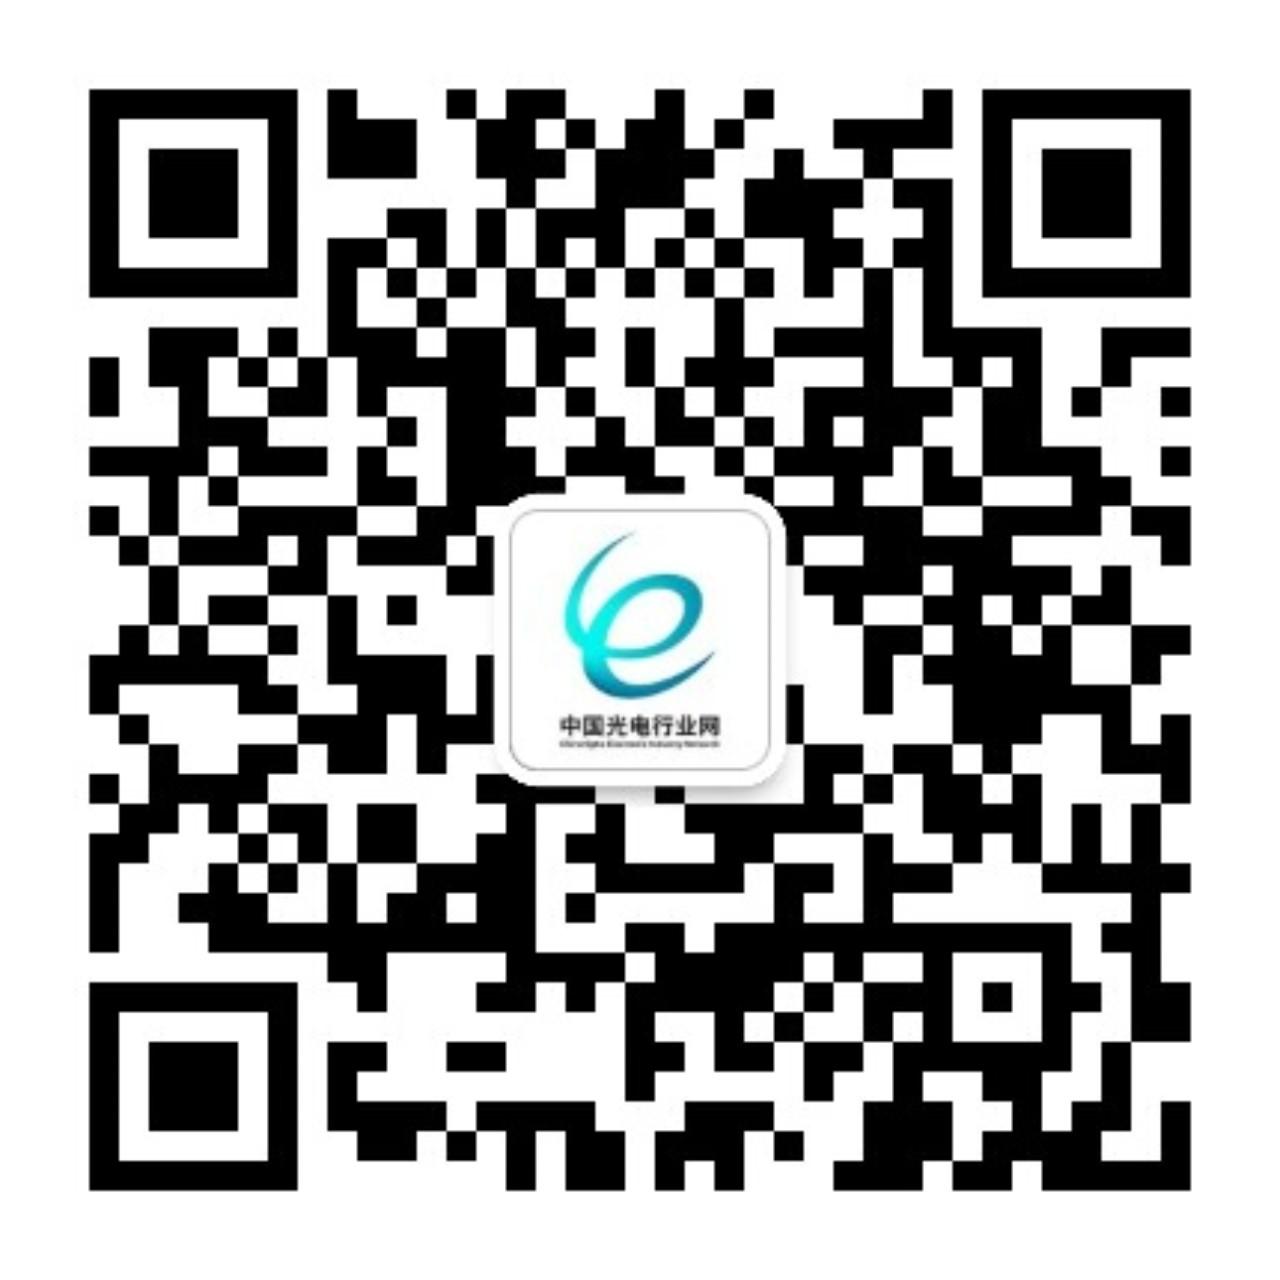 雷竞技电竞平台行业网 - 微信二维码小图